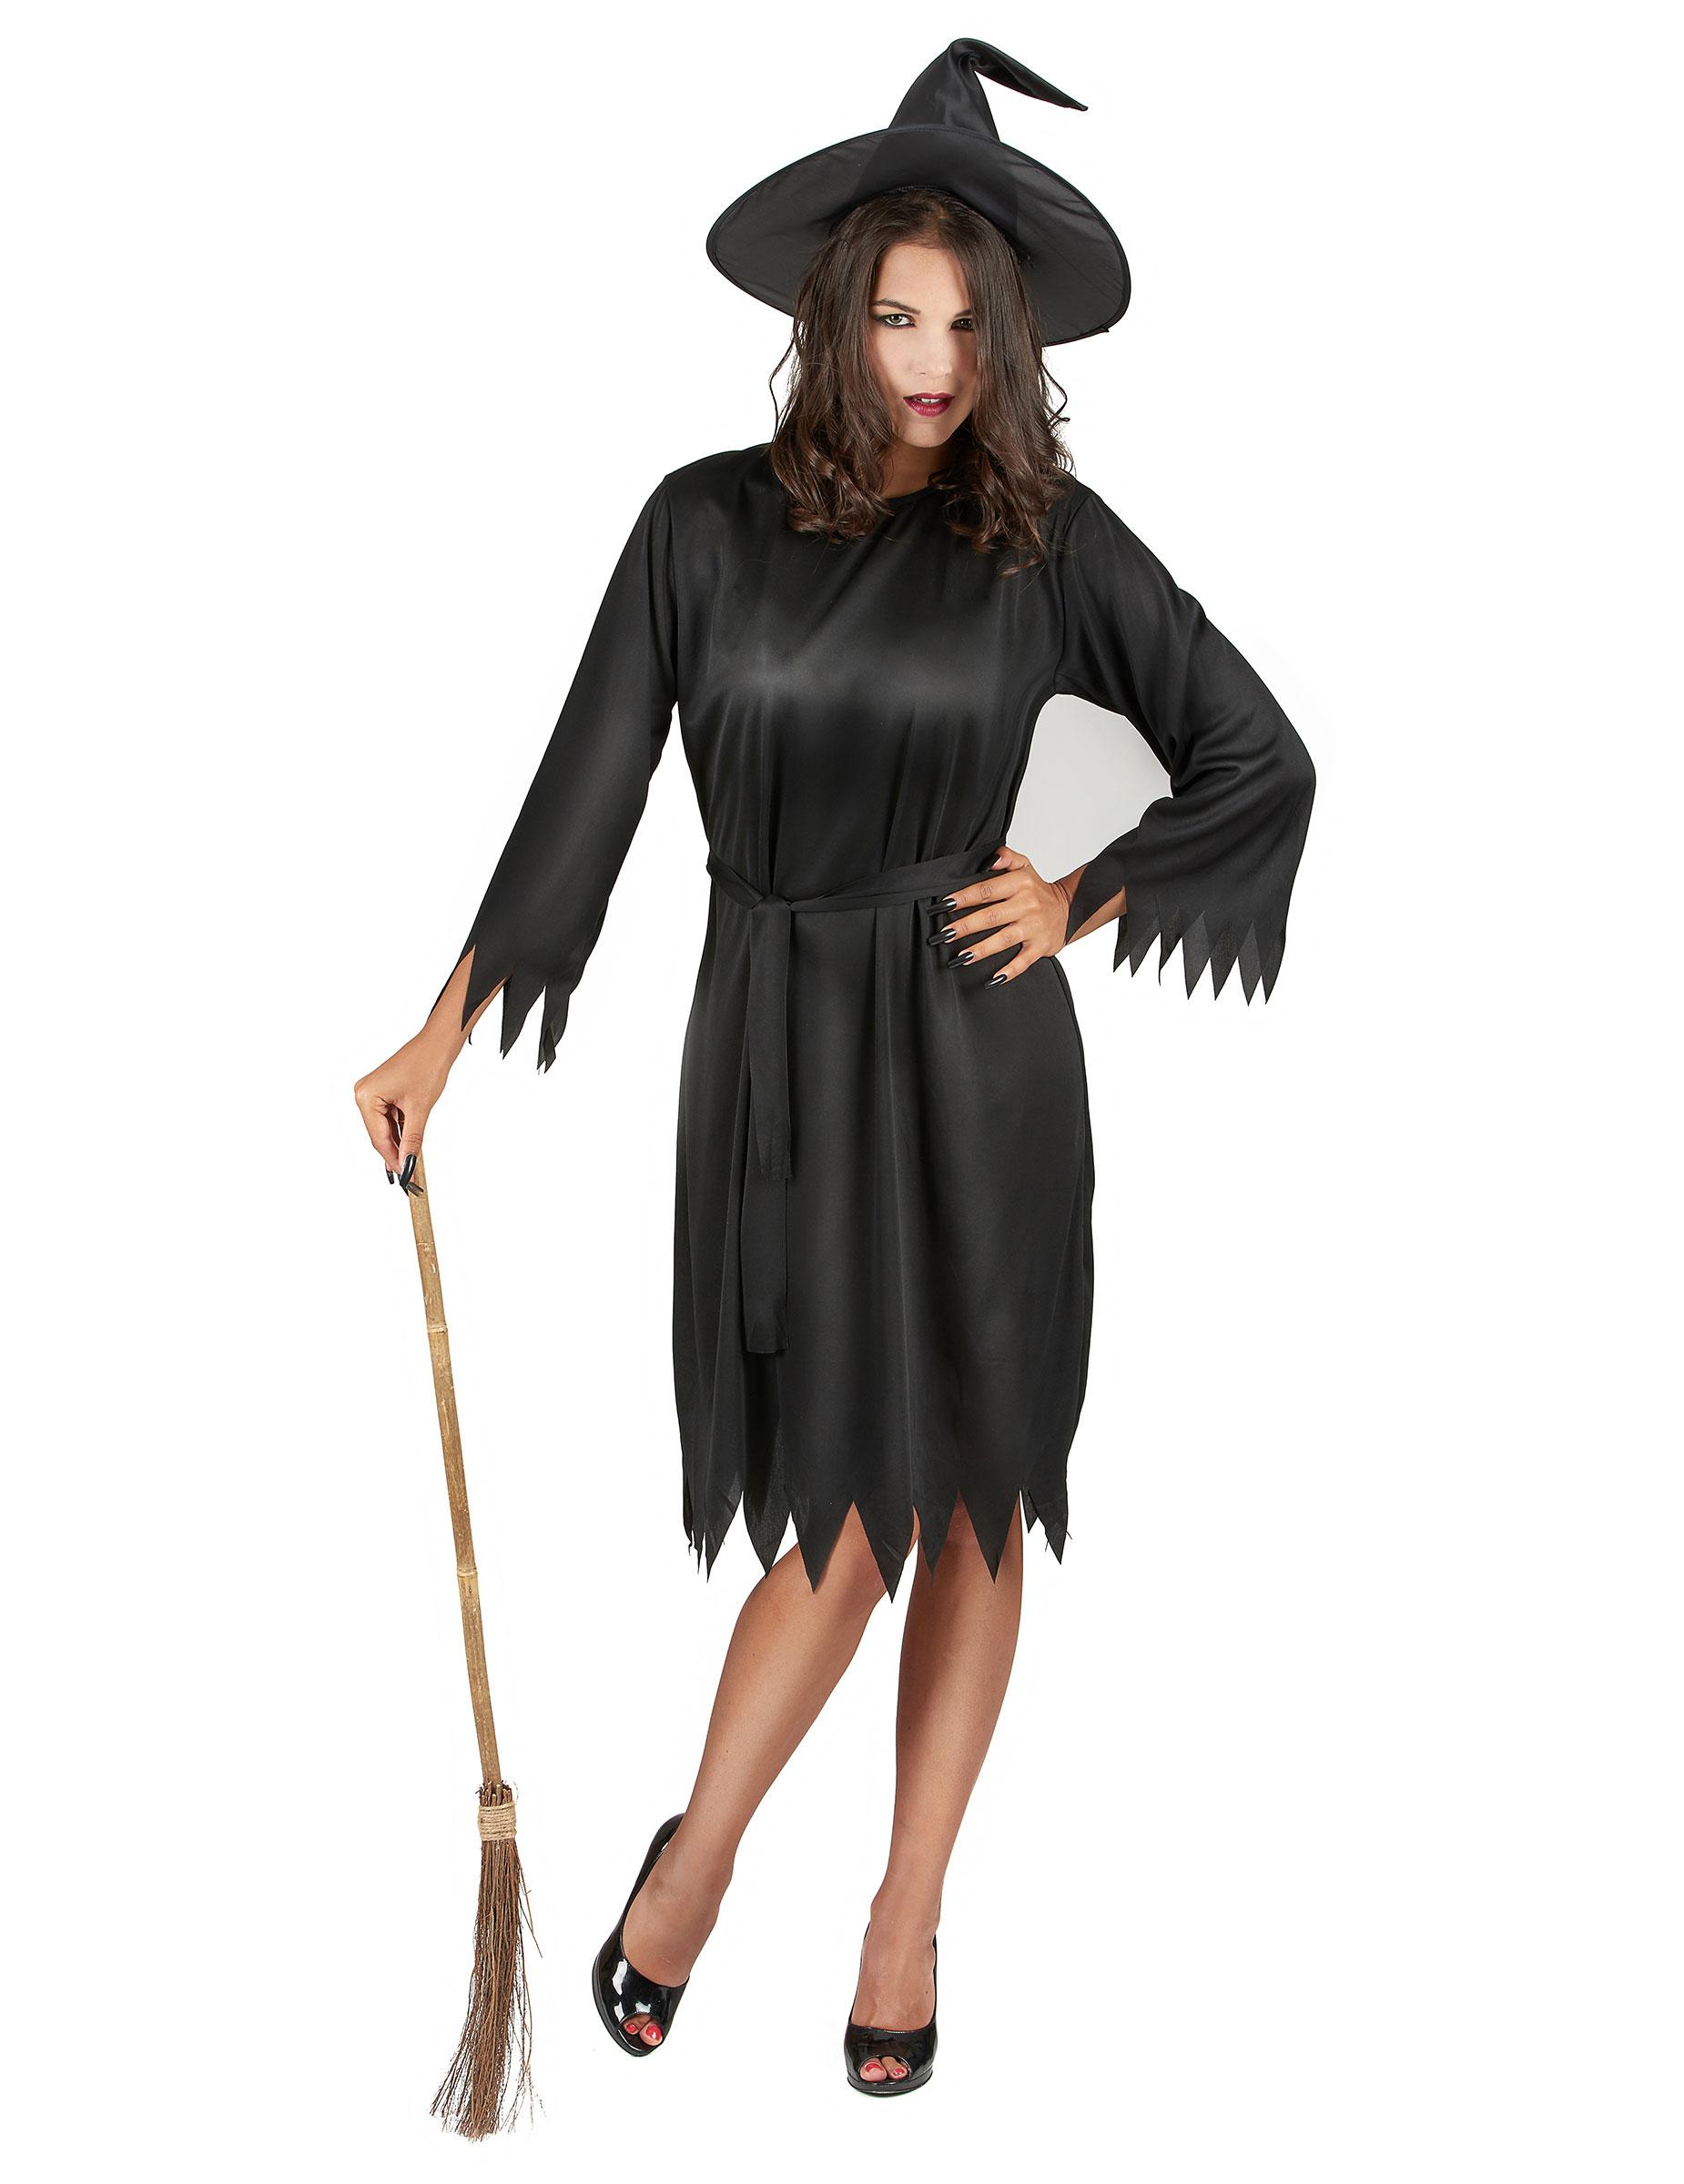 d guisement sorci re femme halloween deguise toi achat de d guisements adultes. Black Bedroom Furniture Sets. Home Design Ideas